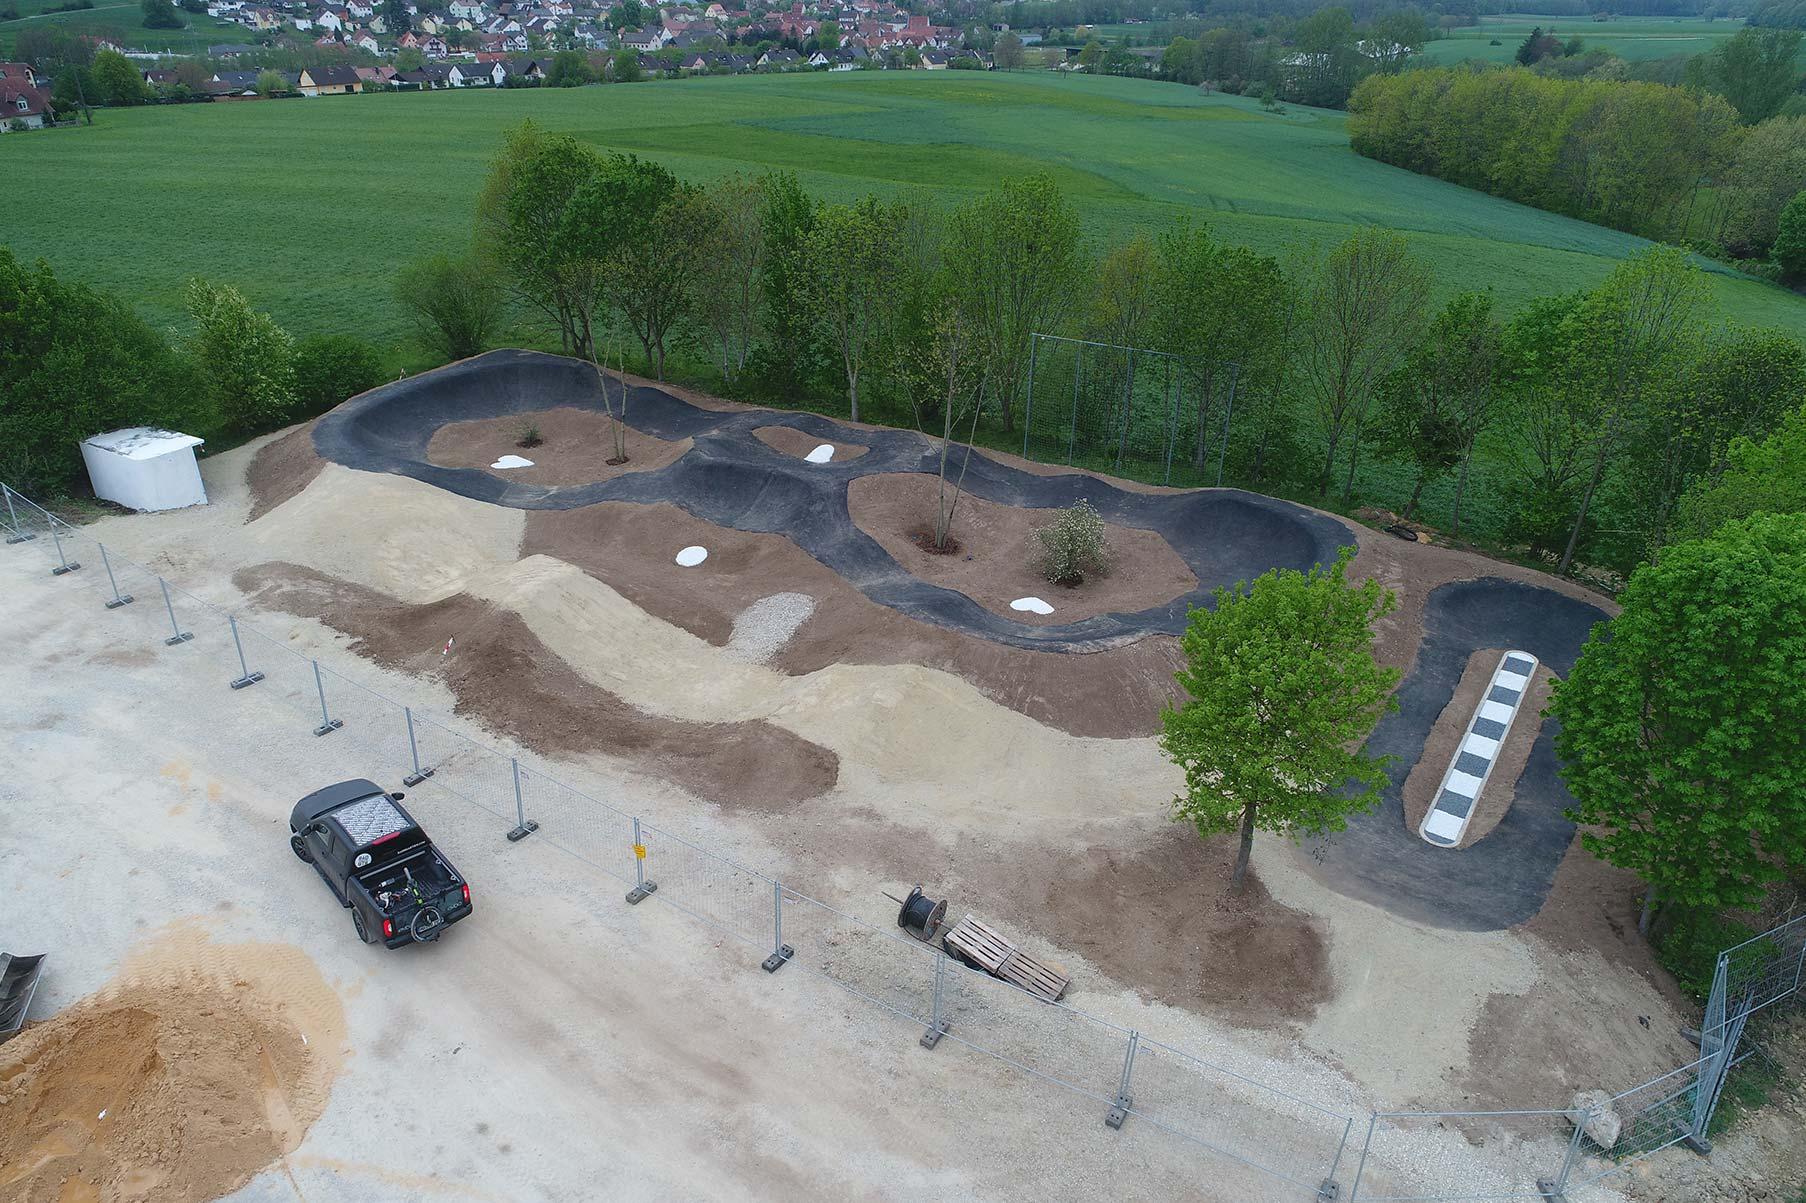 Baustellenfoto des Asphalt Pumptrack Litzendorf. Quelle: RadQuartier GmbH